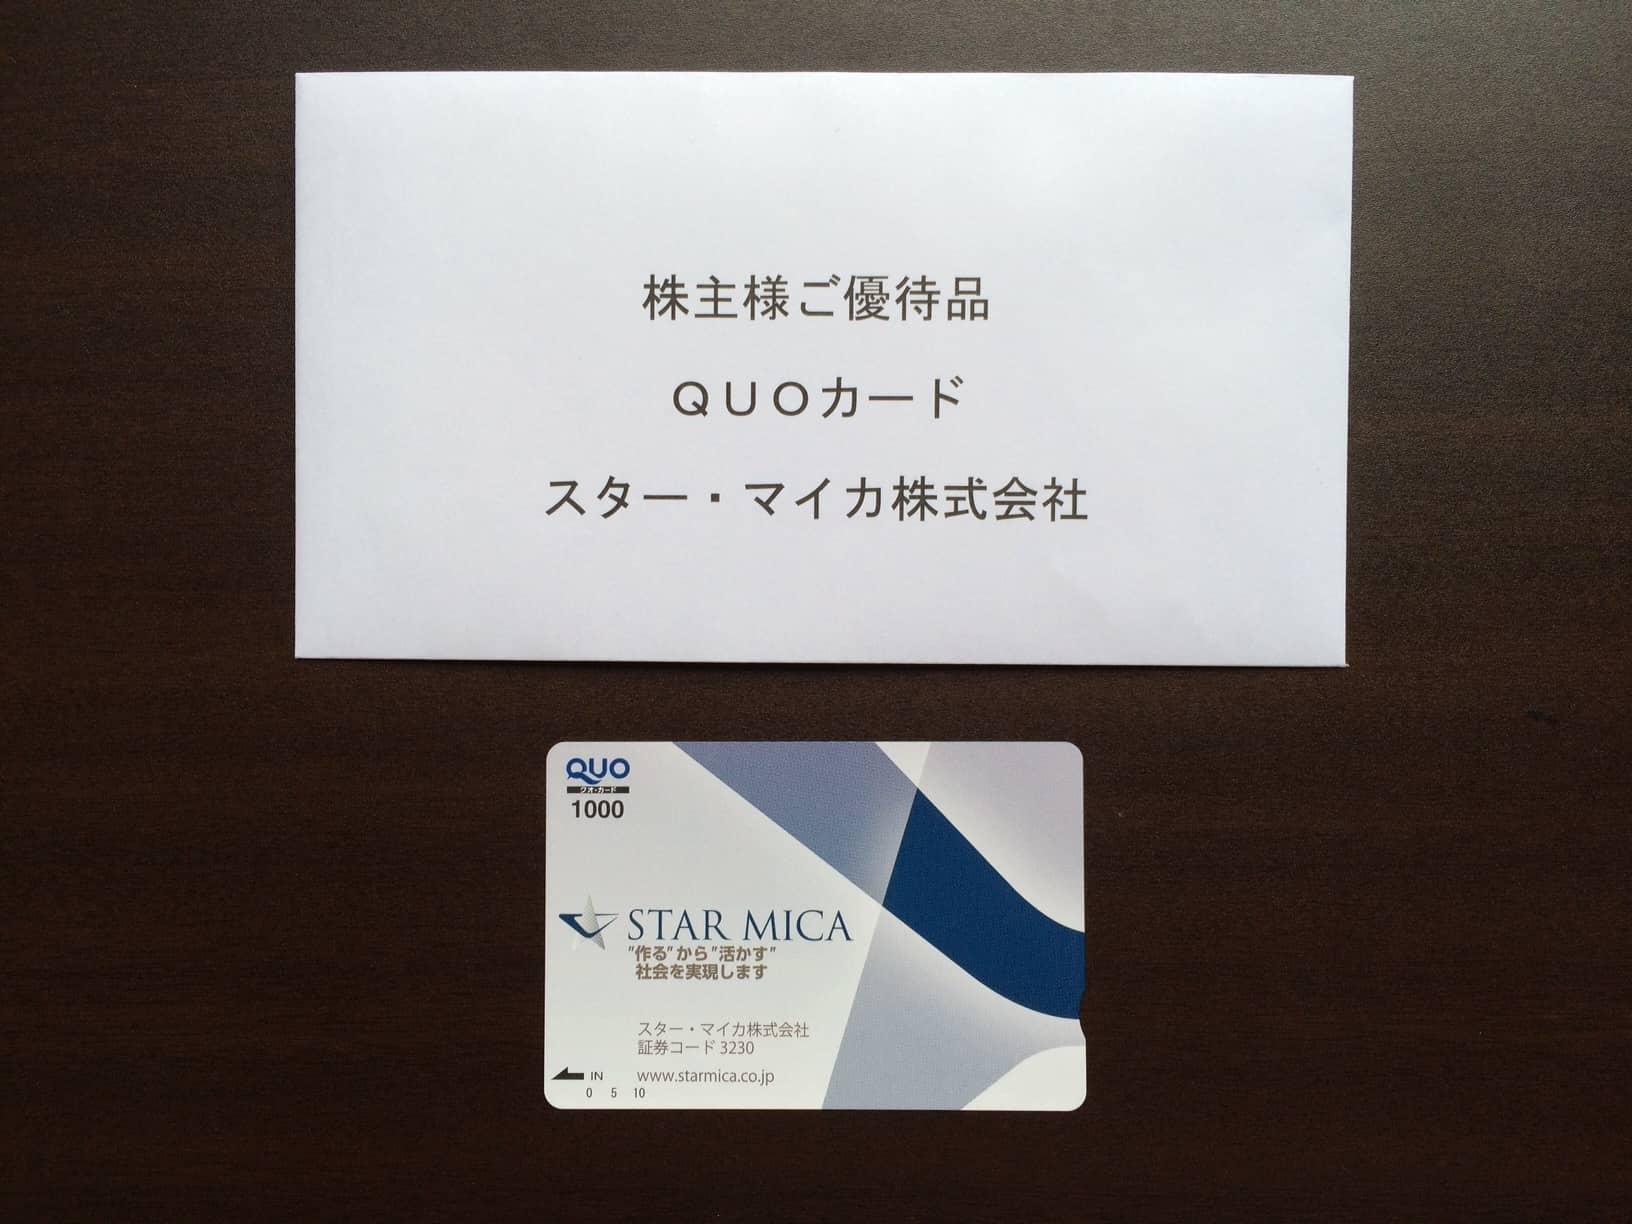 スターマイカ(3230)の株主優待は?優待や配当利回り、到着時期、ビジネスモデルなど解説